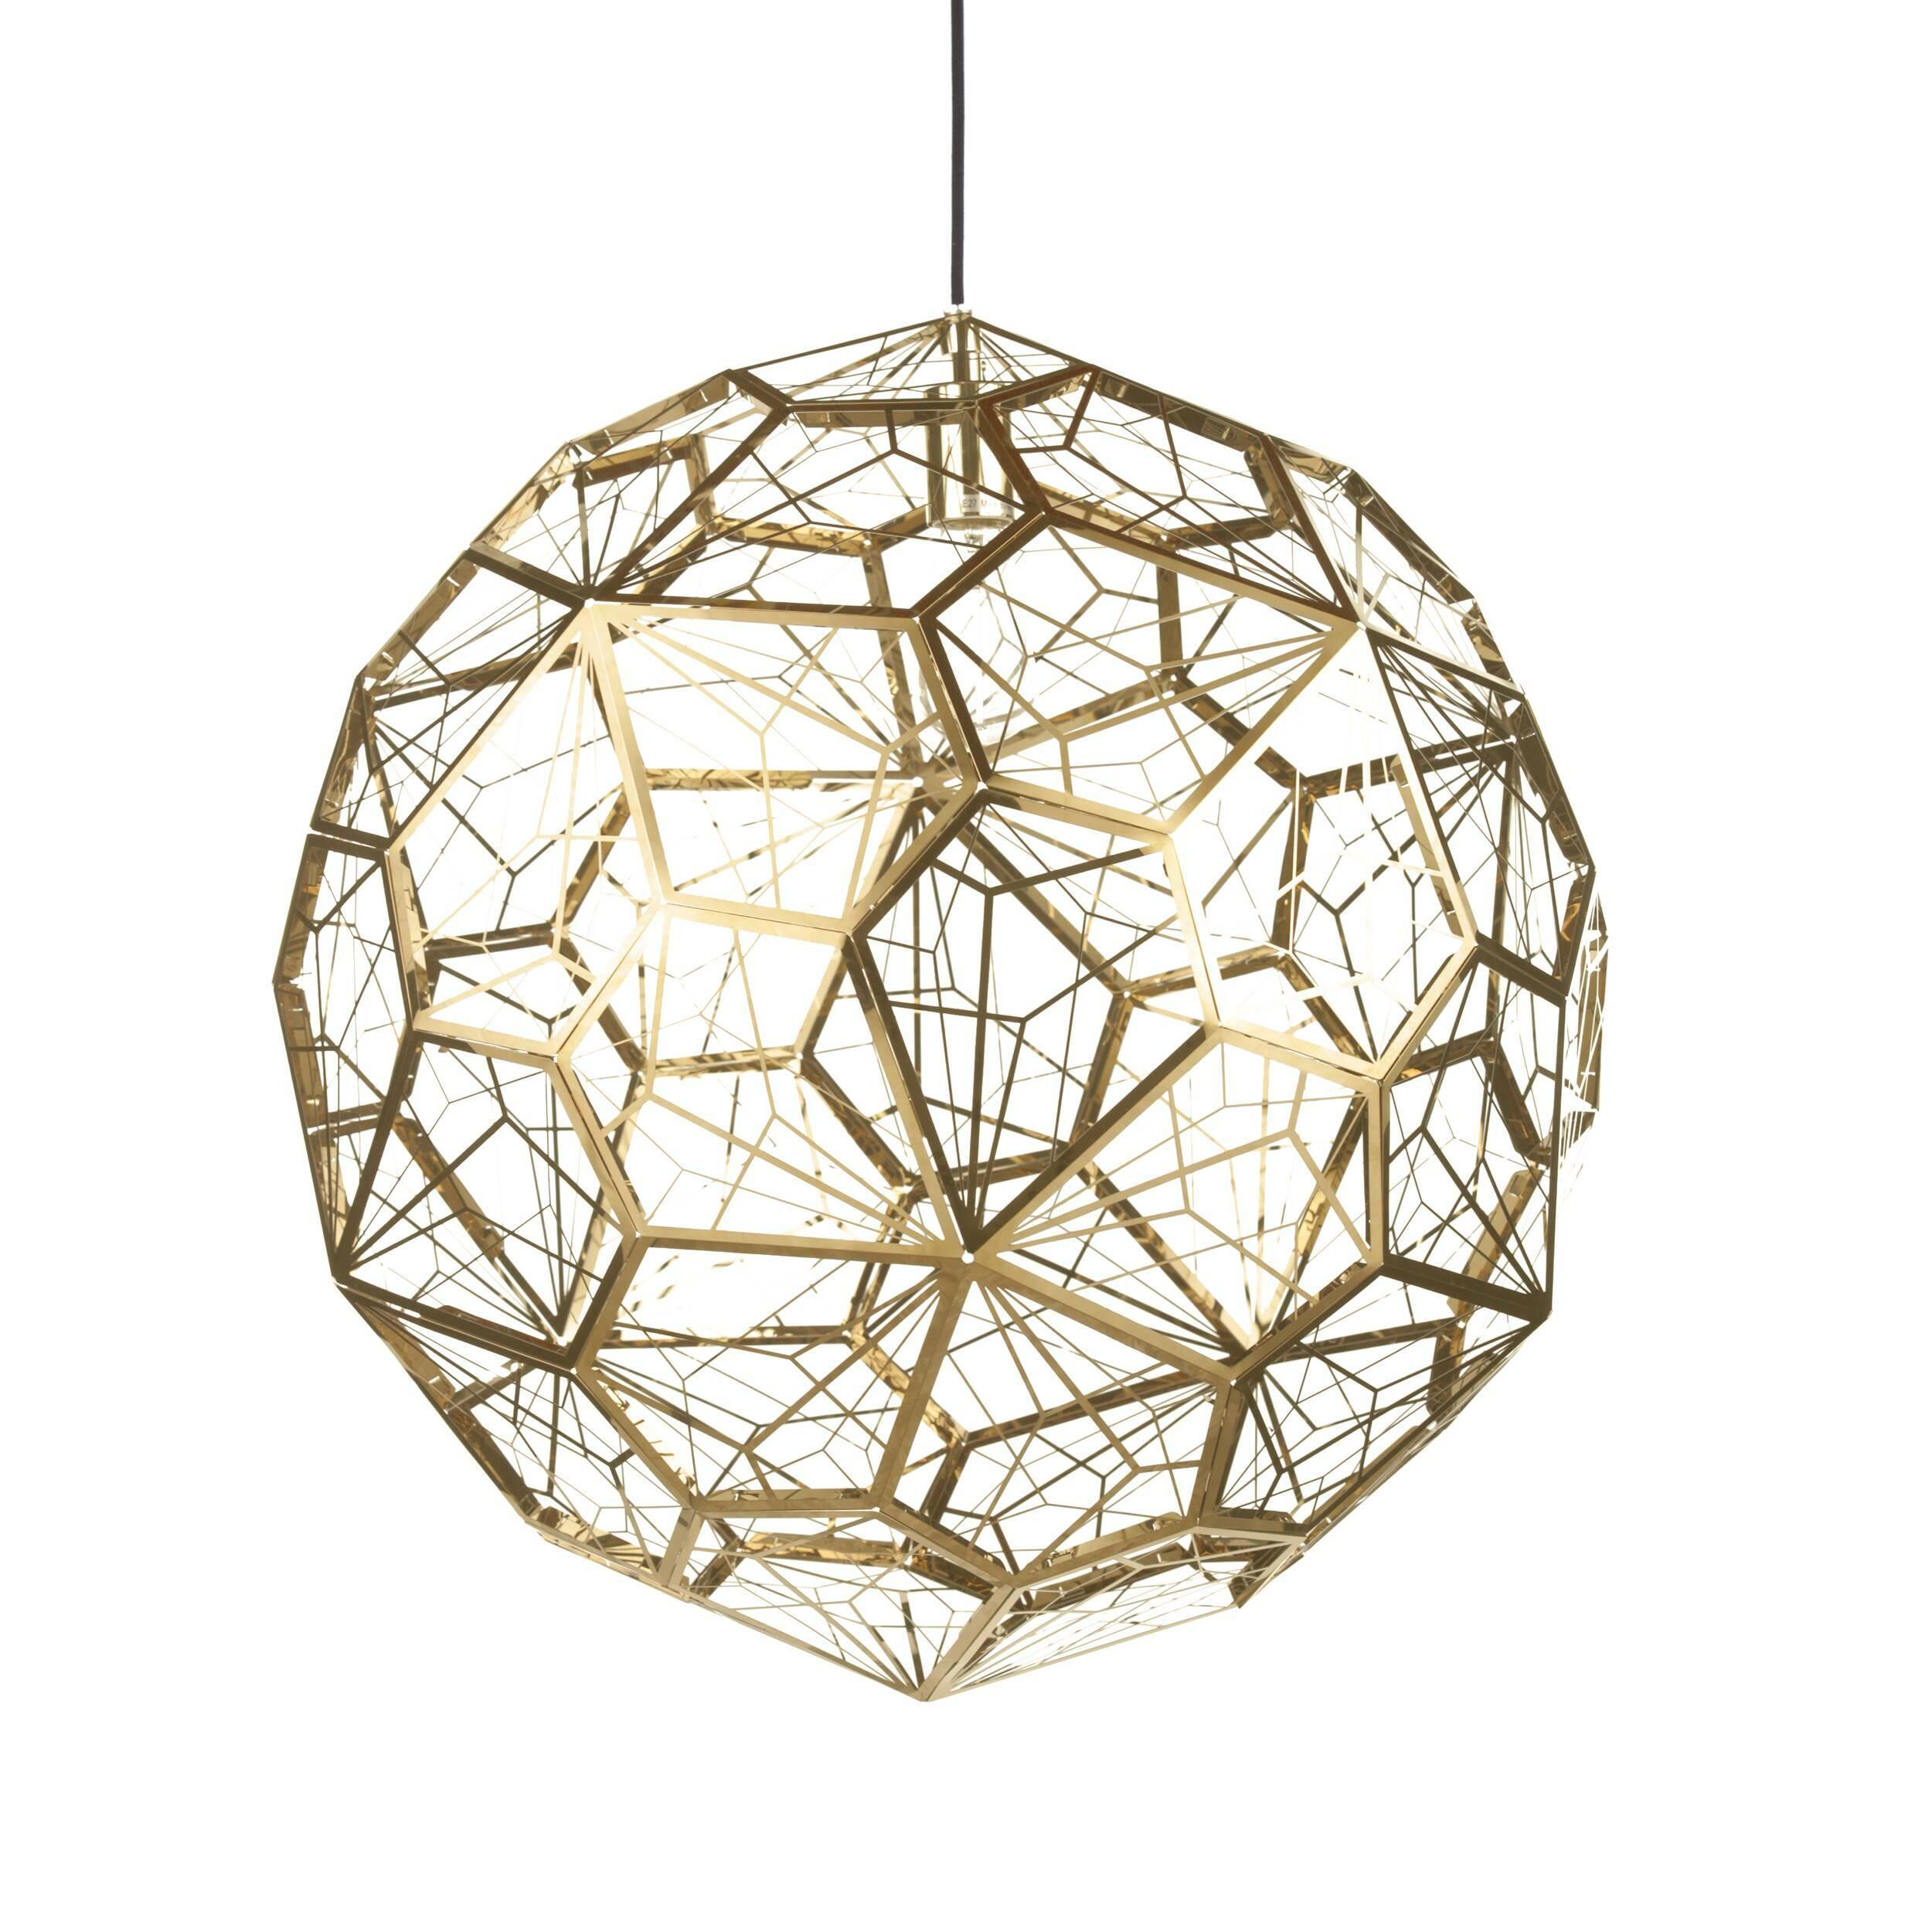 Подвесной светильник Etch Web диаметр 65Подвесные<br>ETCH WEB — это лампа необычной открытой структуры с большим абажуром размером 65 см, отбрасывающая угловатые, острые тени. Экспериментальная структура лампы представляет собой пятиугольник неправильной формы, который повторяется 60 раз вокруг центральной оси, создавая общую сферу.<br><br><br> Лампа в каком-то смысле представляет собой еще один эксперимент дизайнера. Светильник ETCH WEB выполнен из нержавеющей стали в золоте и хроме.<br><br>stock: 0<br>Высота: 180<br>Диаметр: 65<br>Количество ламп: 1<br>Материал абажура: Нержавеющая сталь<br>Мощность лампы: 60<br>Ламп в комплекте: Нет<br>Напряжение: 220<br>Тип лампы/цоколь: E27<br>Цвет абажура: Золотой